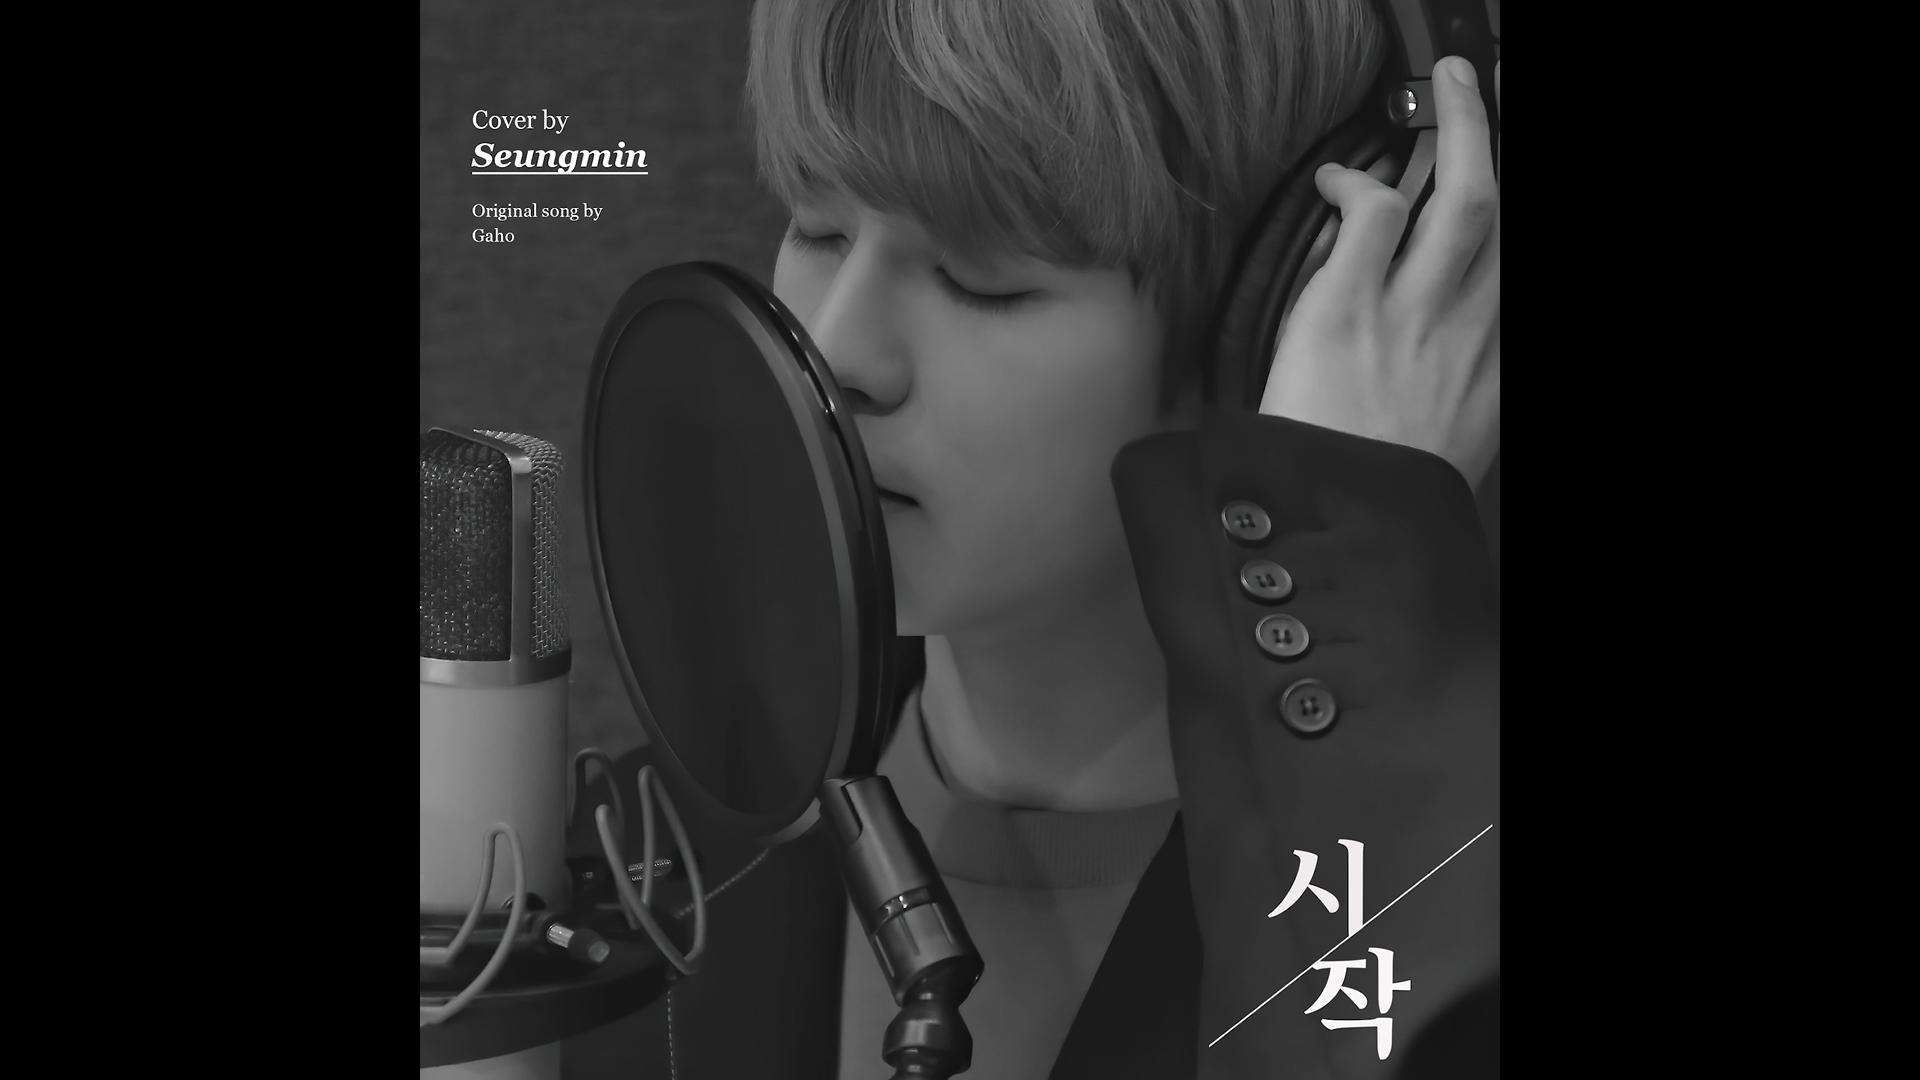 """[Stray Kids(스트레이 키즈) : SKZ-RECORD(슼즈 레코드)] 승민 """"시작"""" Cover (원곡 : 가호)"""